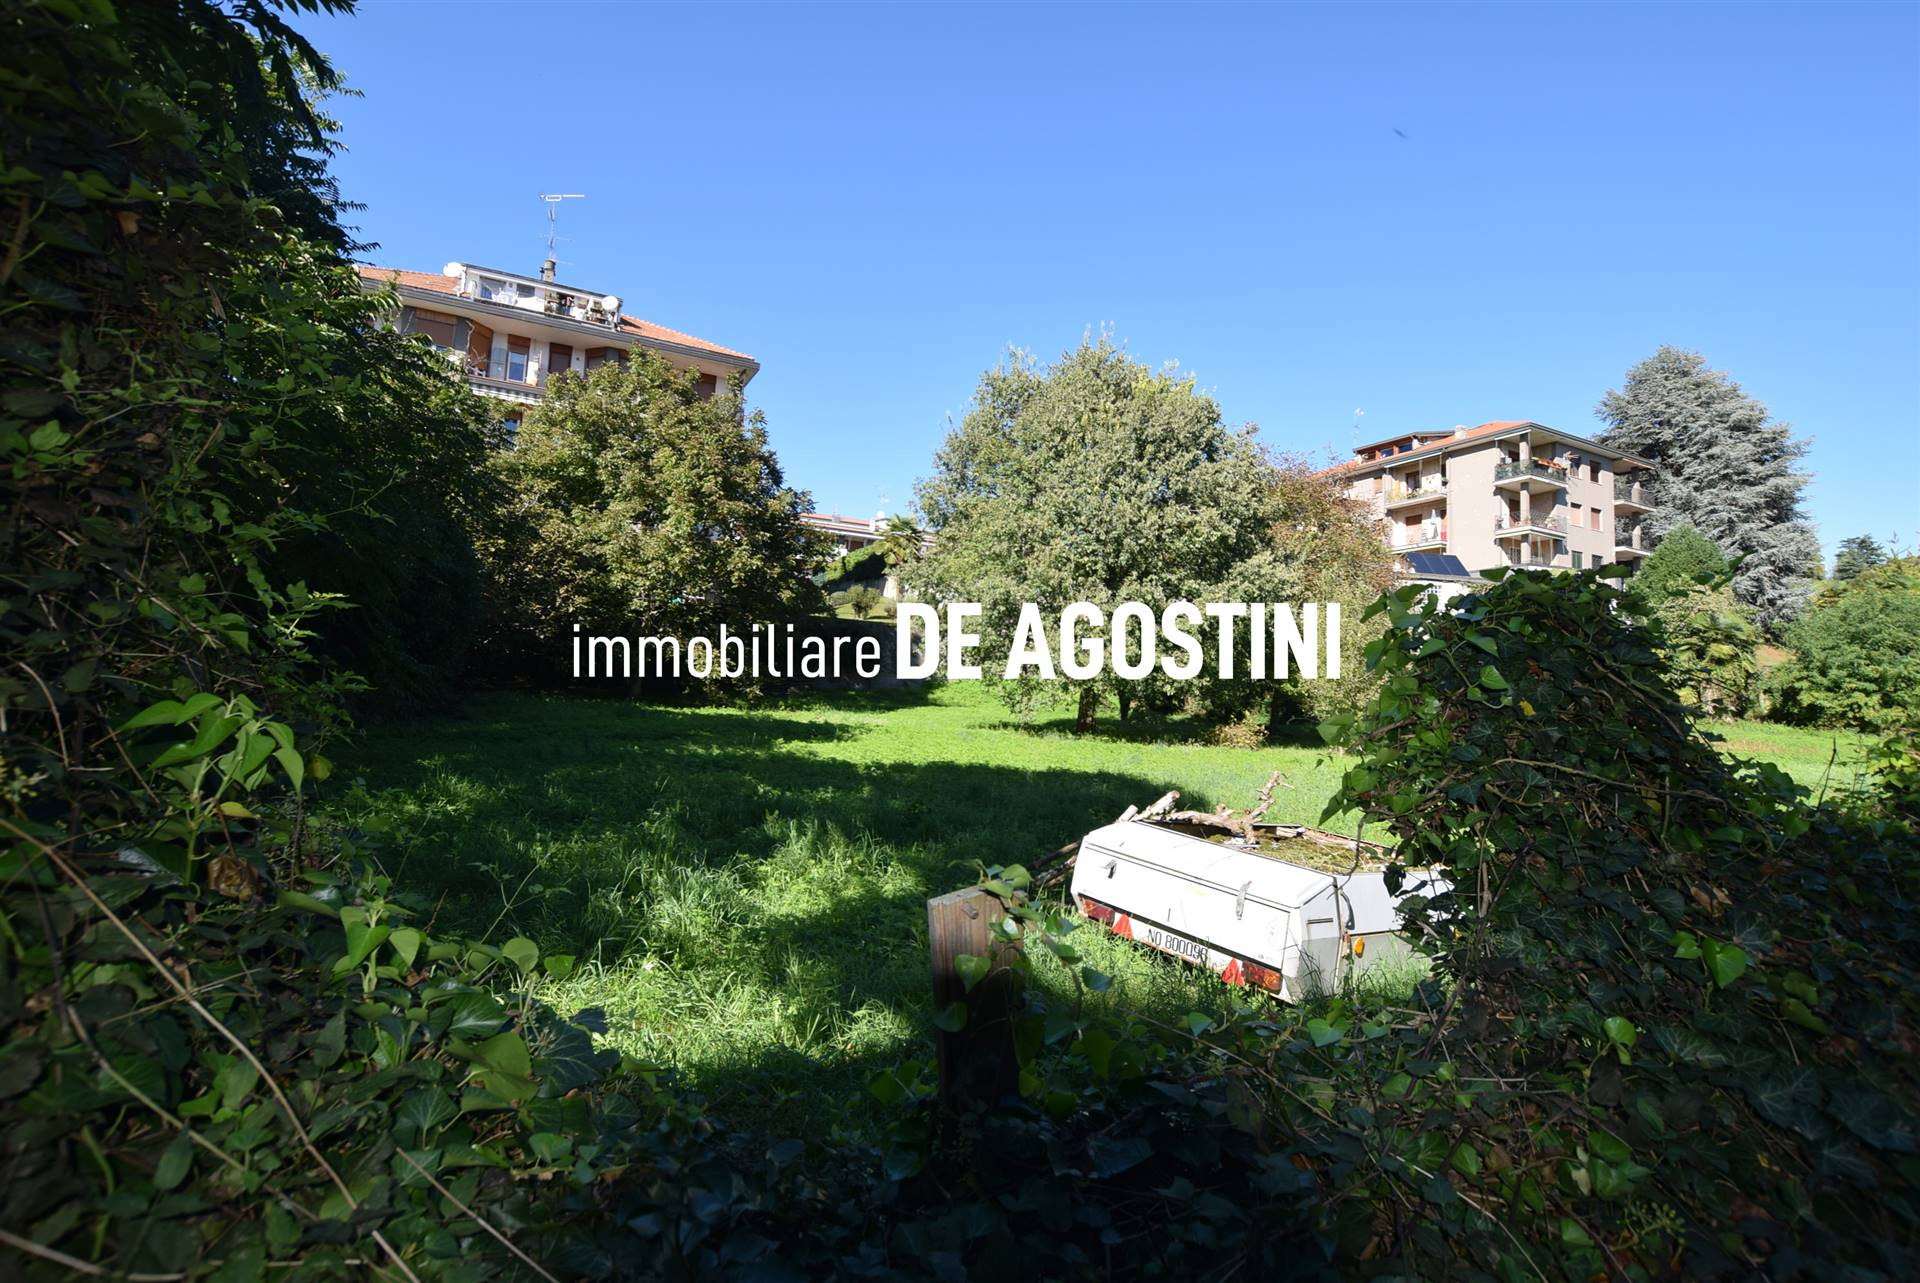 Terreno Edificabile Residenziale in vendita a Arona, 9999 locali, prezzo € 290.000 | PortaleAgenzieImmobiliari.it